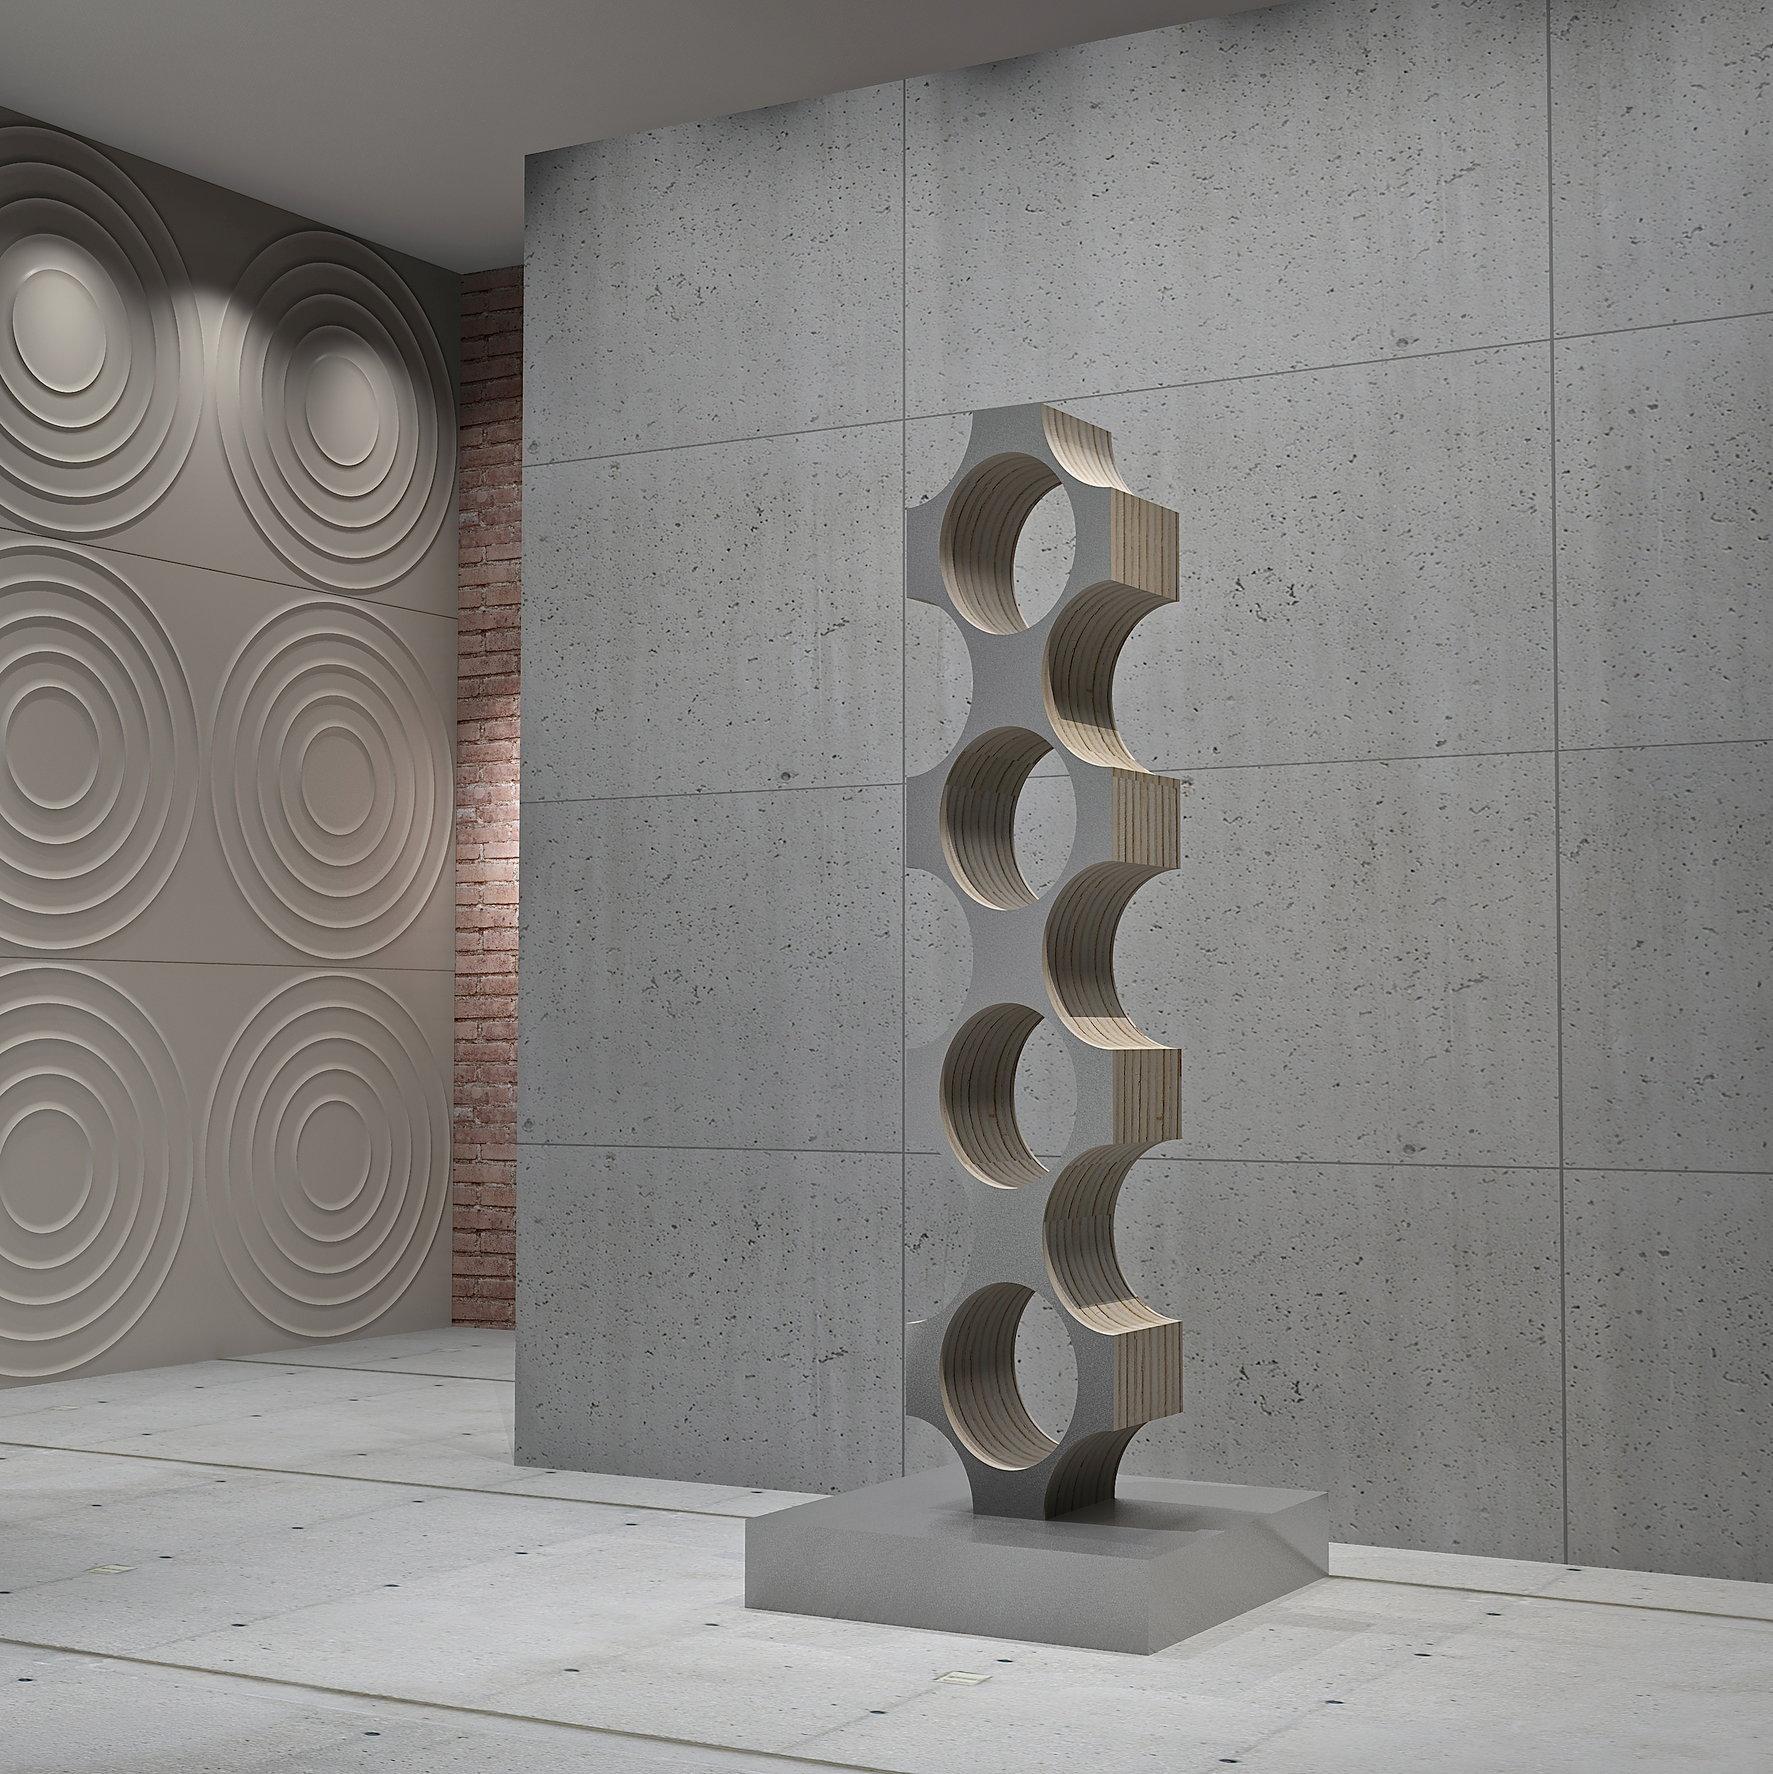 sculpture28b.jpg